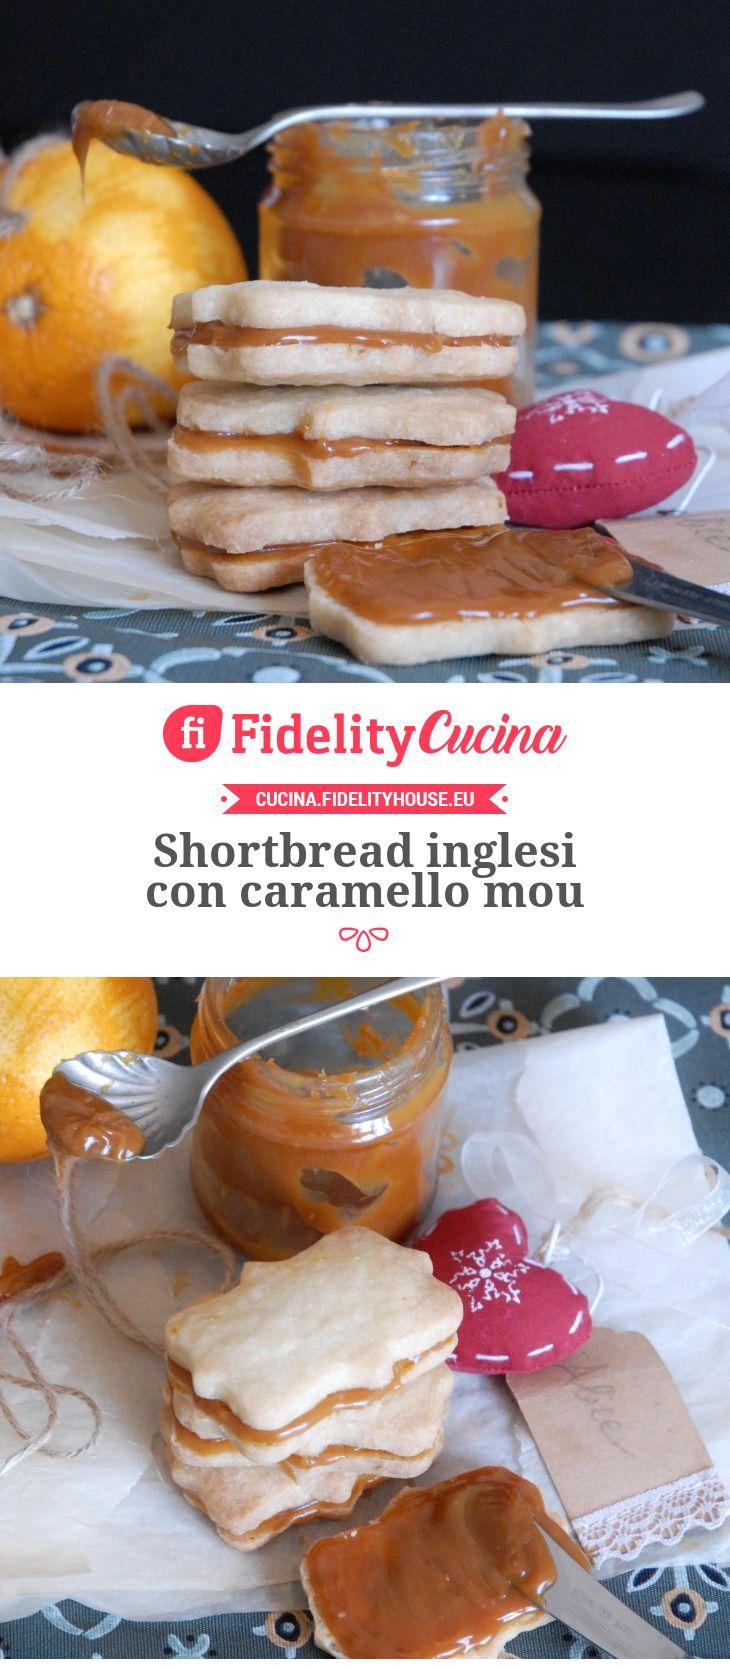 Shortbread inglesi con caramello mou